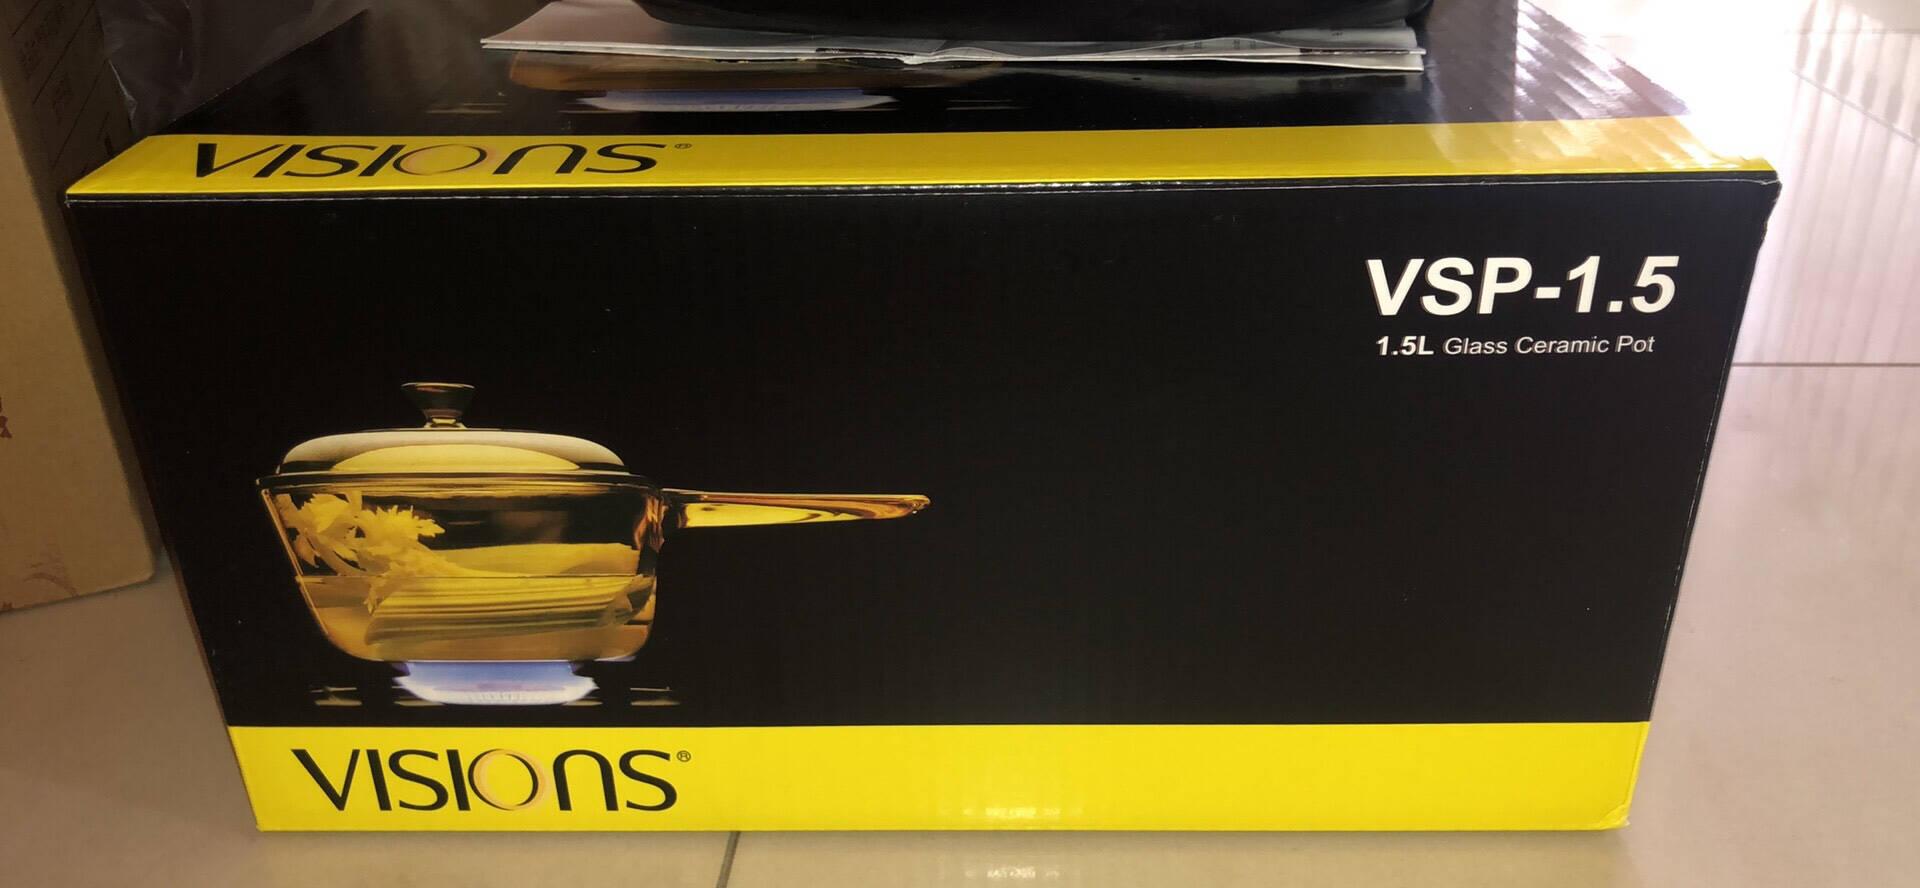 美国康宁VISIONS晶彩透明锅耐高温玻璃锅琥珀锅单柄1.5L奶锅+3.5L深汤锅2件套康宁锅